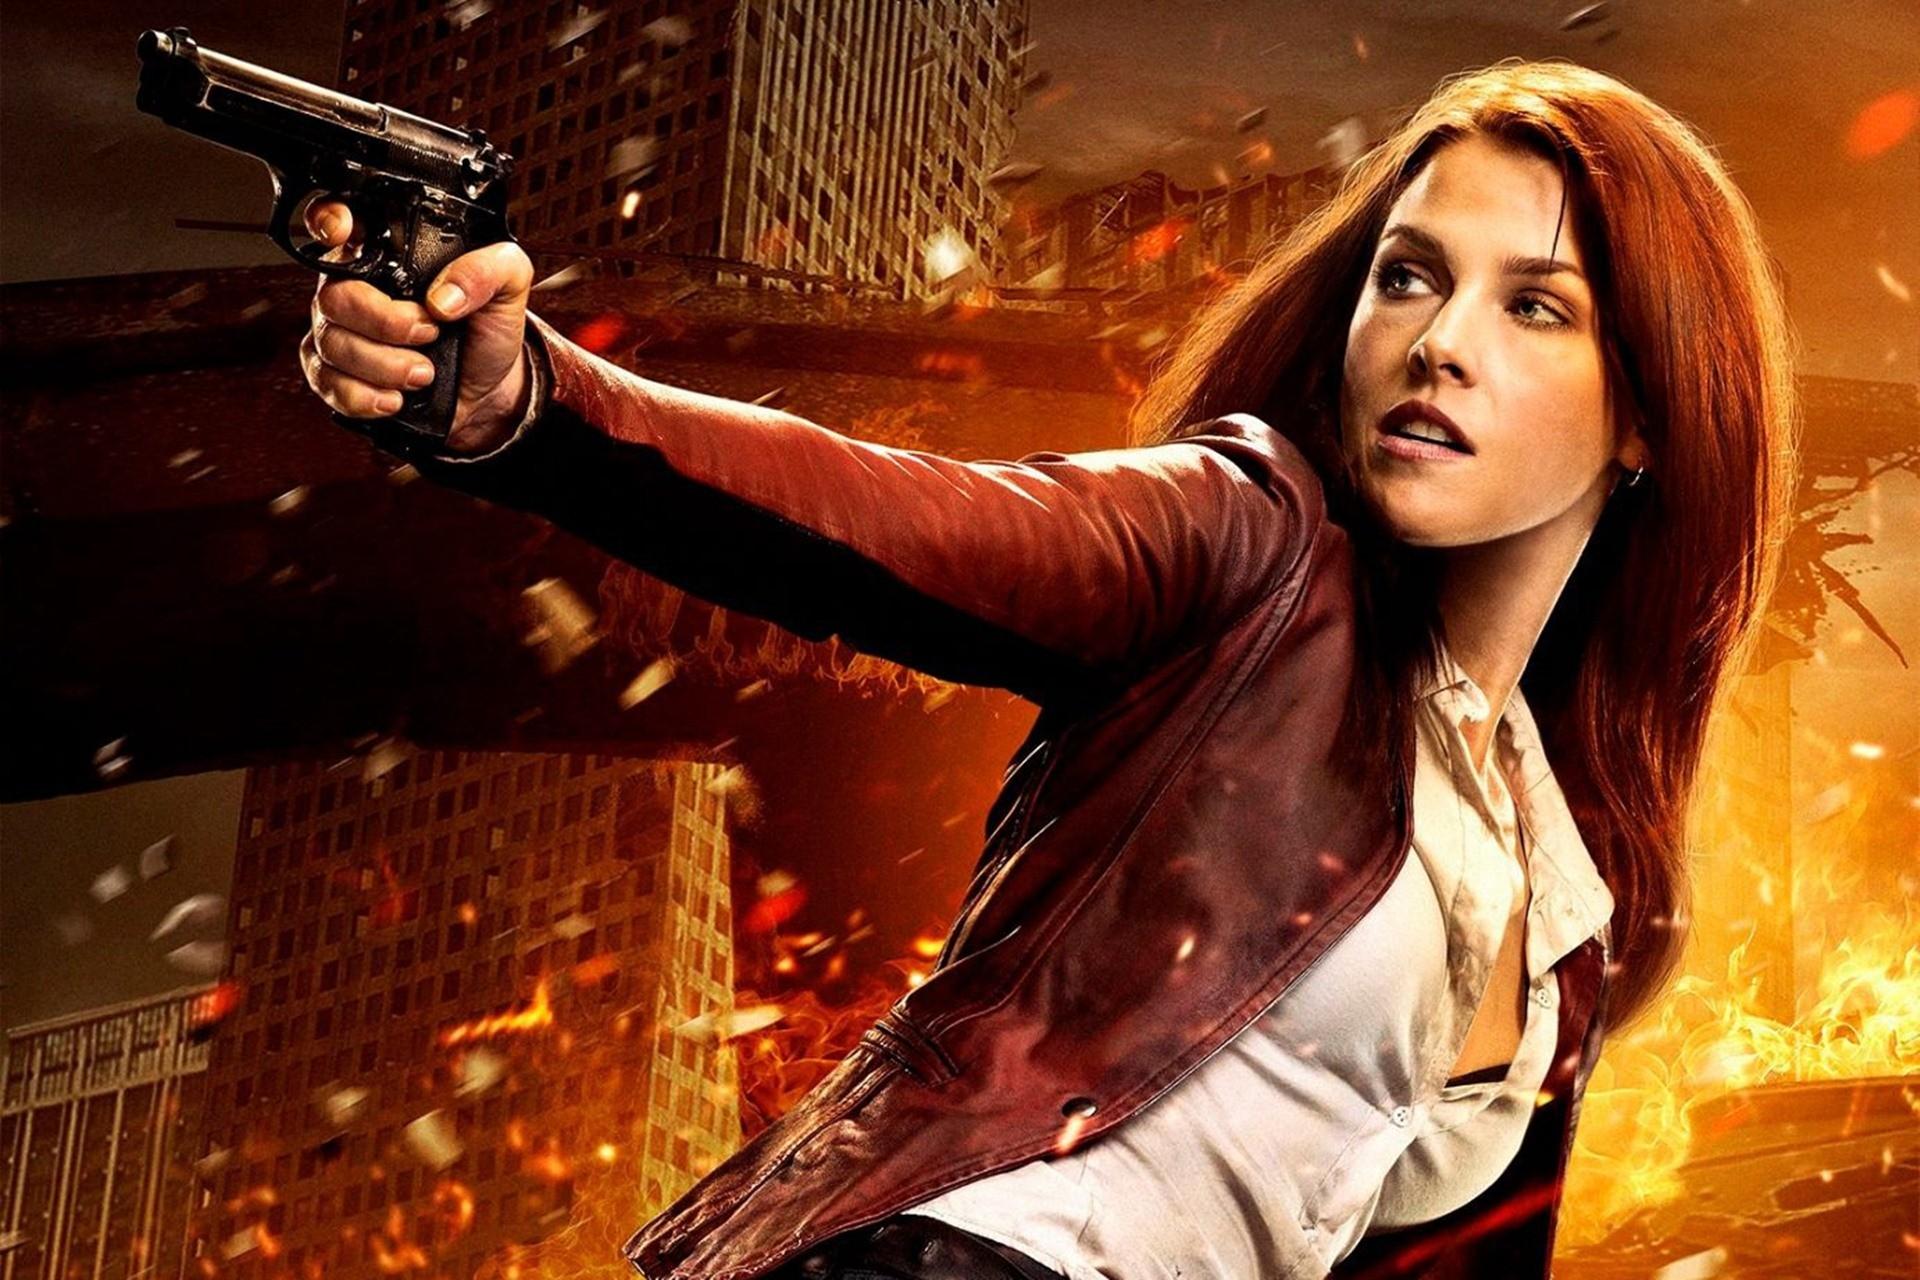 Ruby Rose Resident Evil Final Chapte Wallpaper 22545: Resident Evil The Final Chapter Wallpapers (74+ Pictures